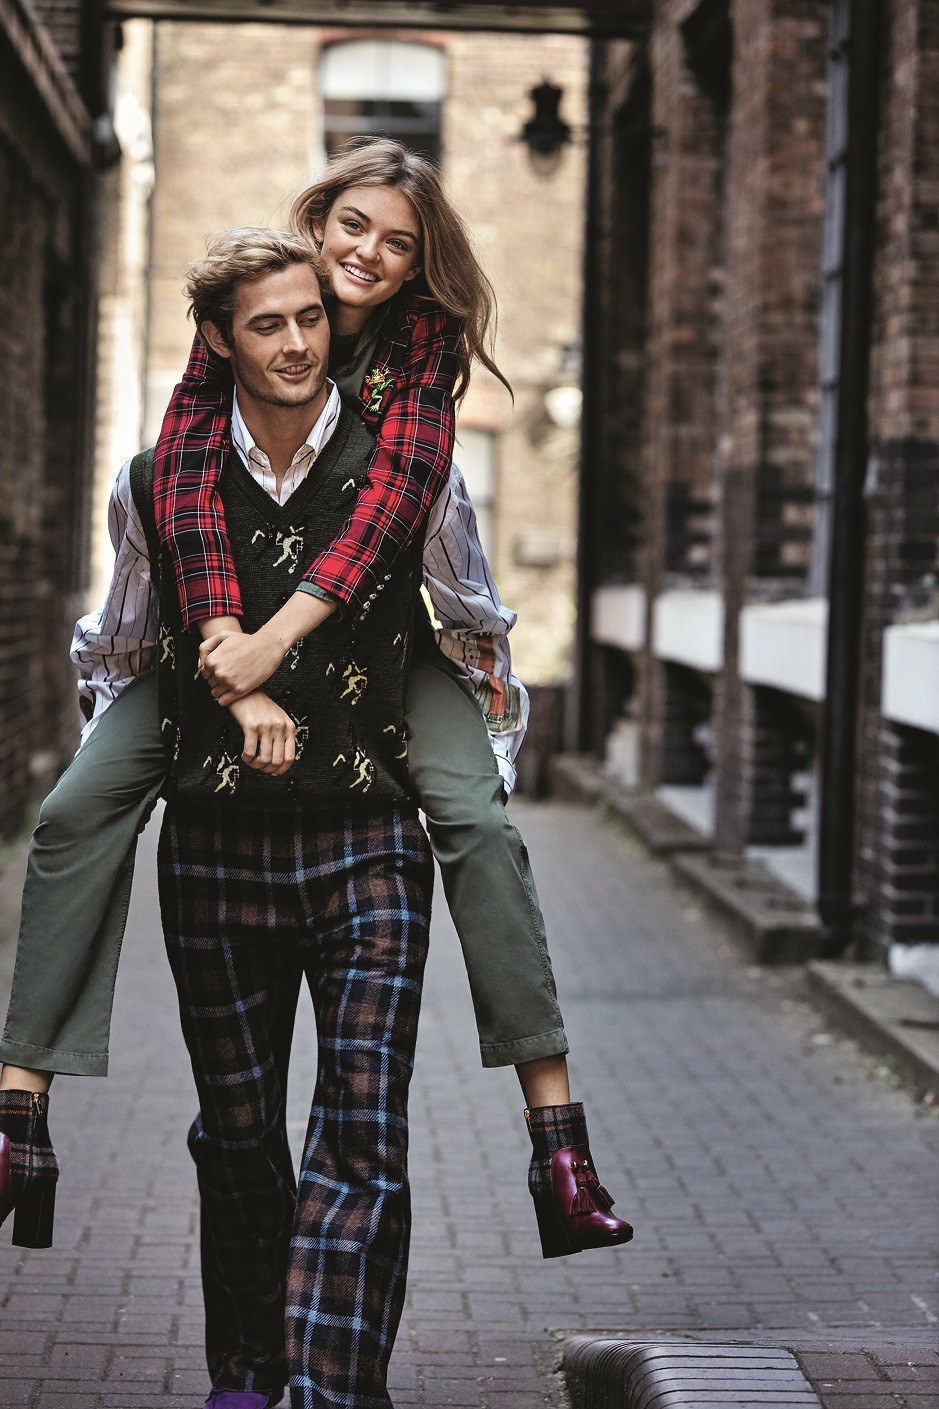 Έρωτας από την αρχή: Γιατί επιστρέφουν όλοι στην ουσία της αγάπης;